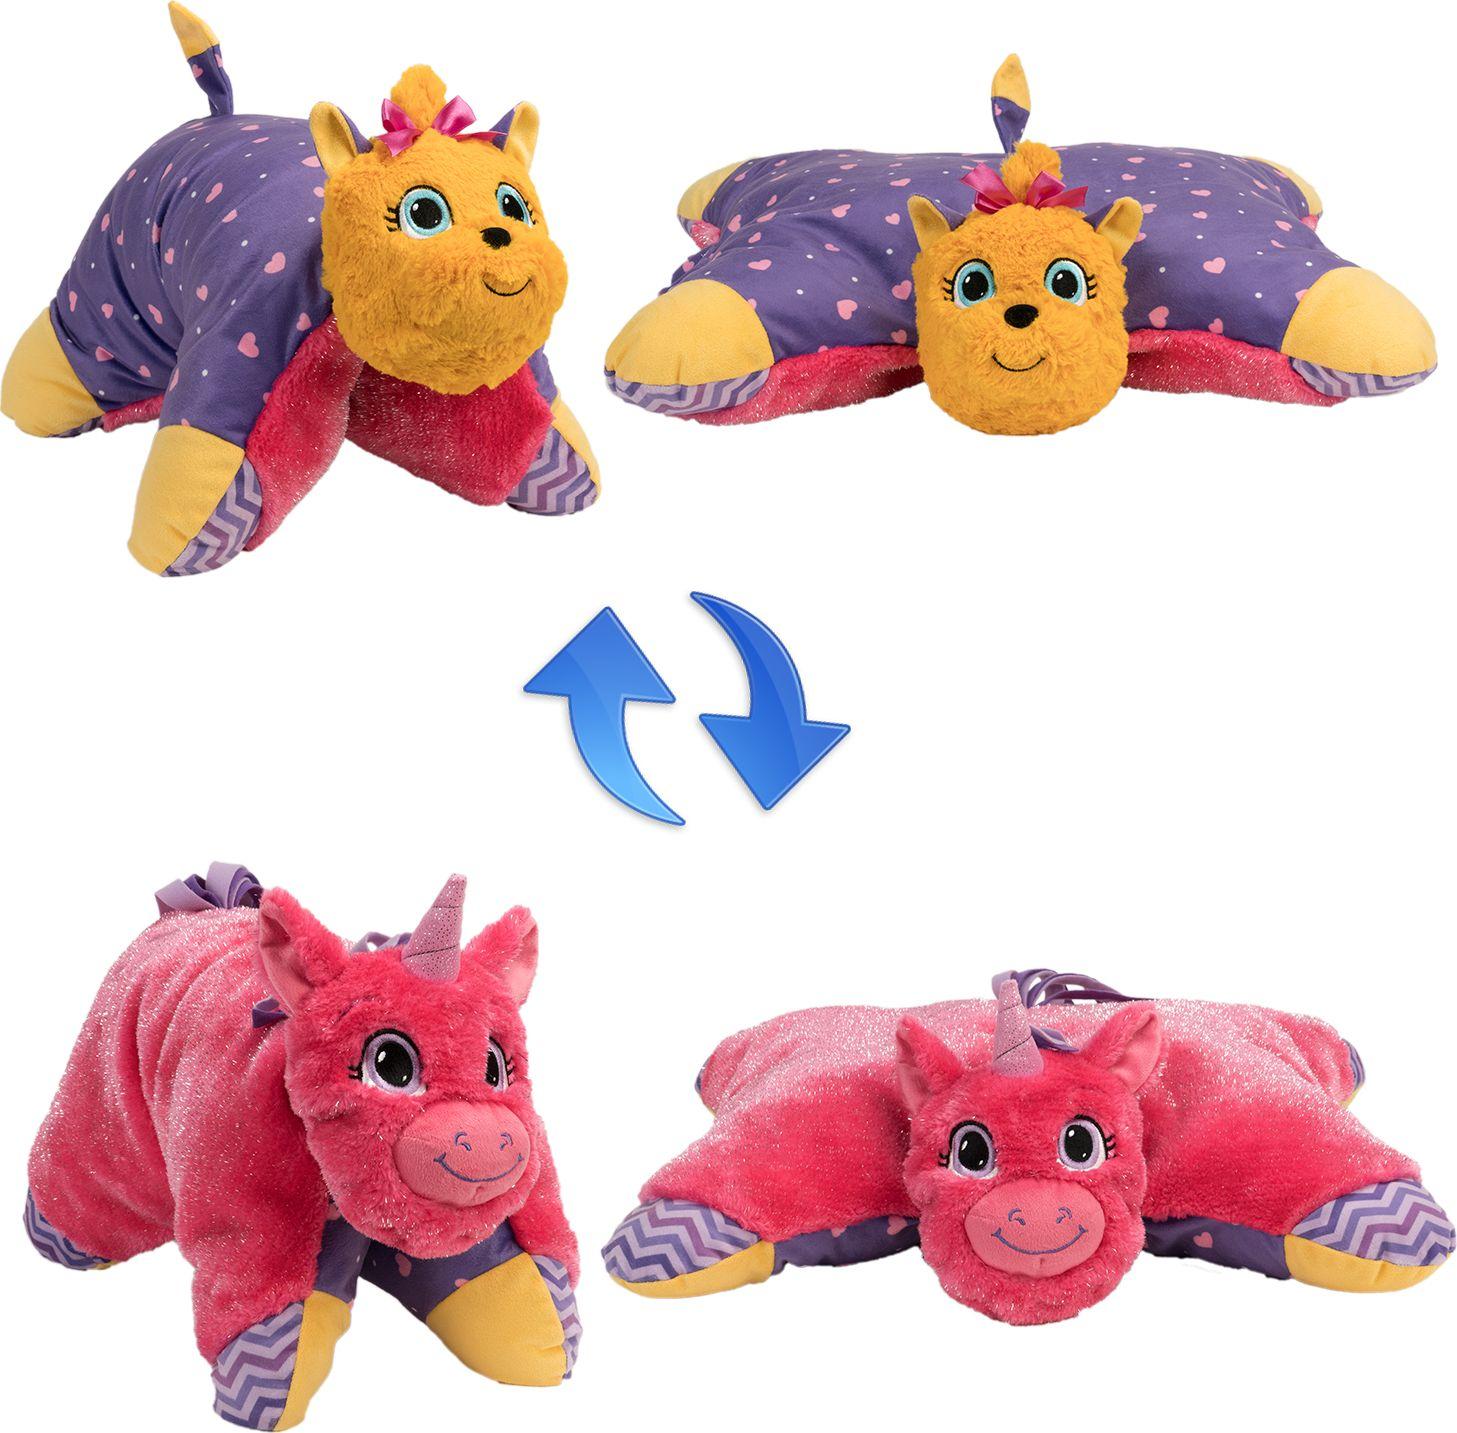 1TOY Мягкая игрушка Вывернушка 2в1 Лавандовый Единорог-Щенок Йорк 11 см мягкие игрушки 1toy вывернушка единорог дракон